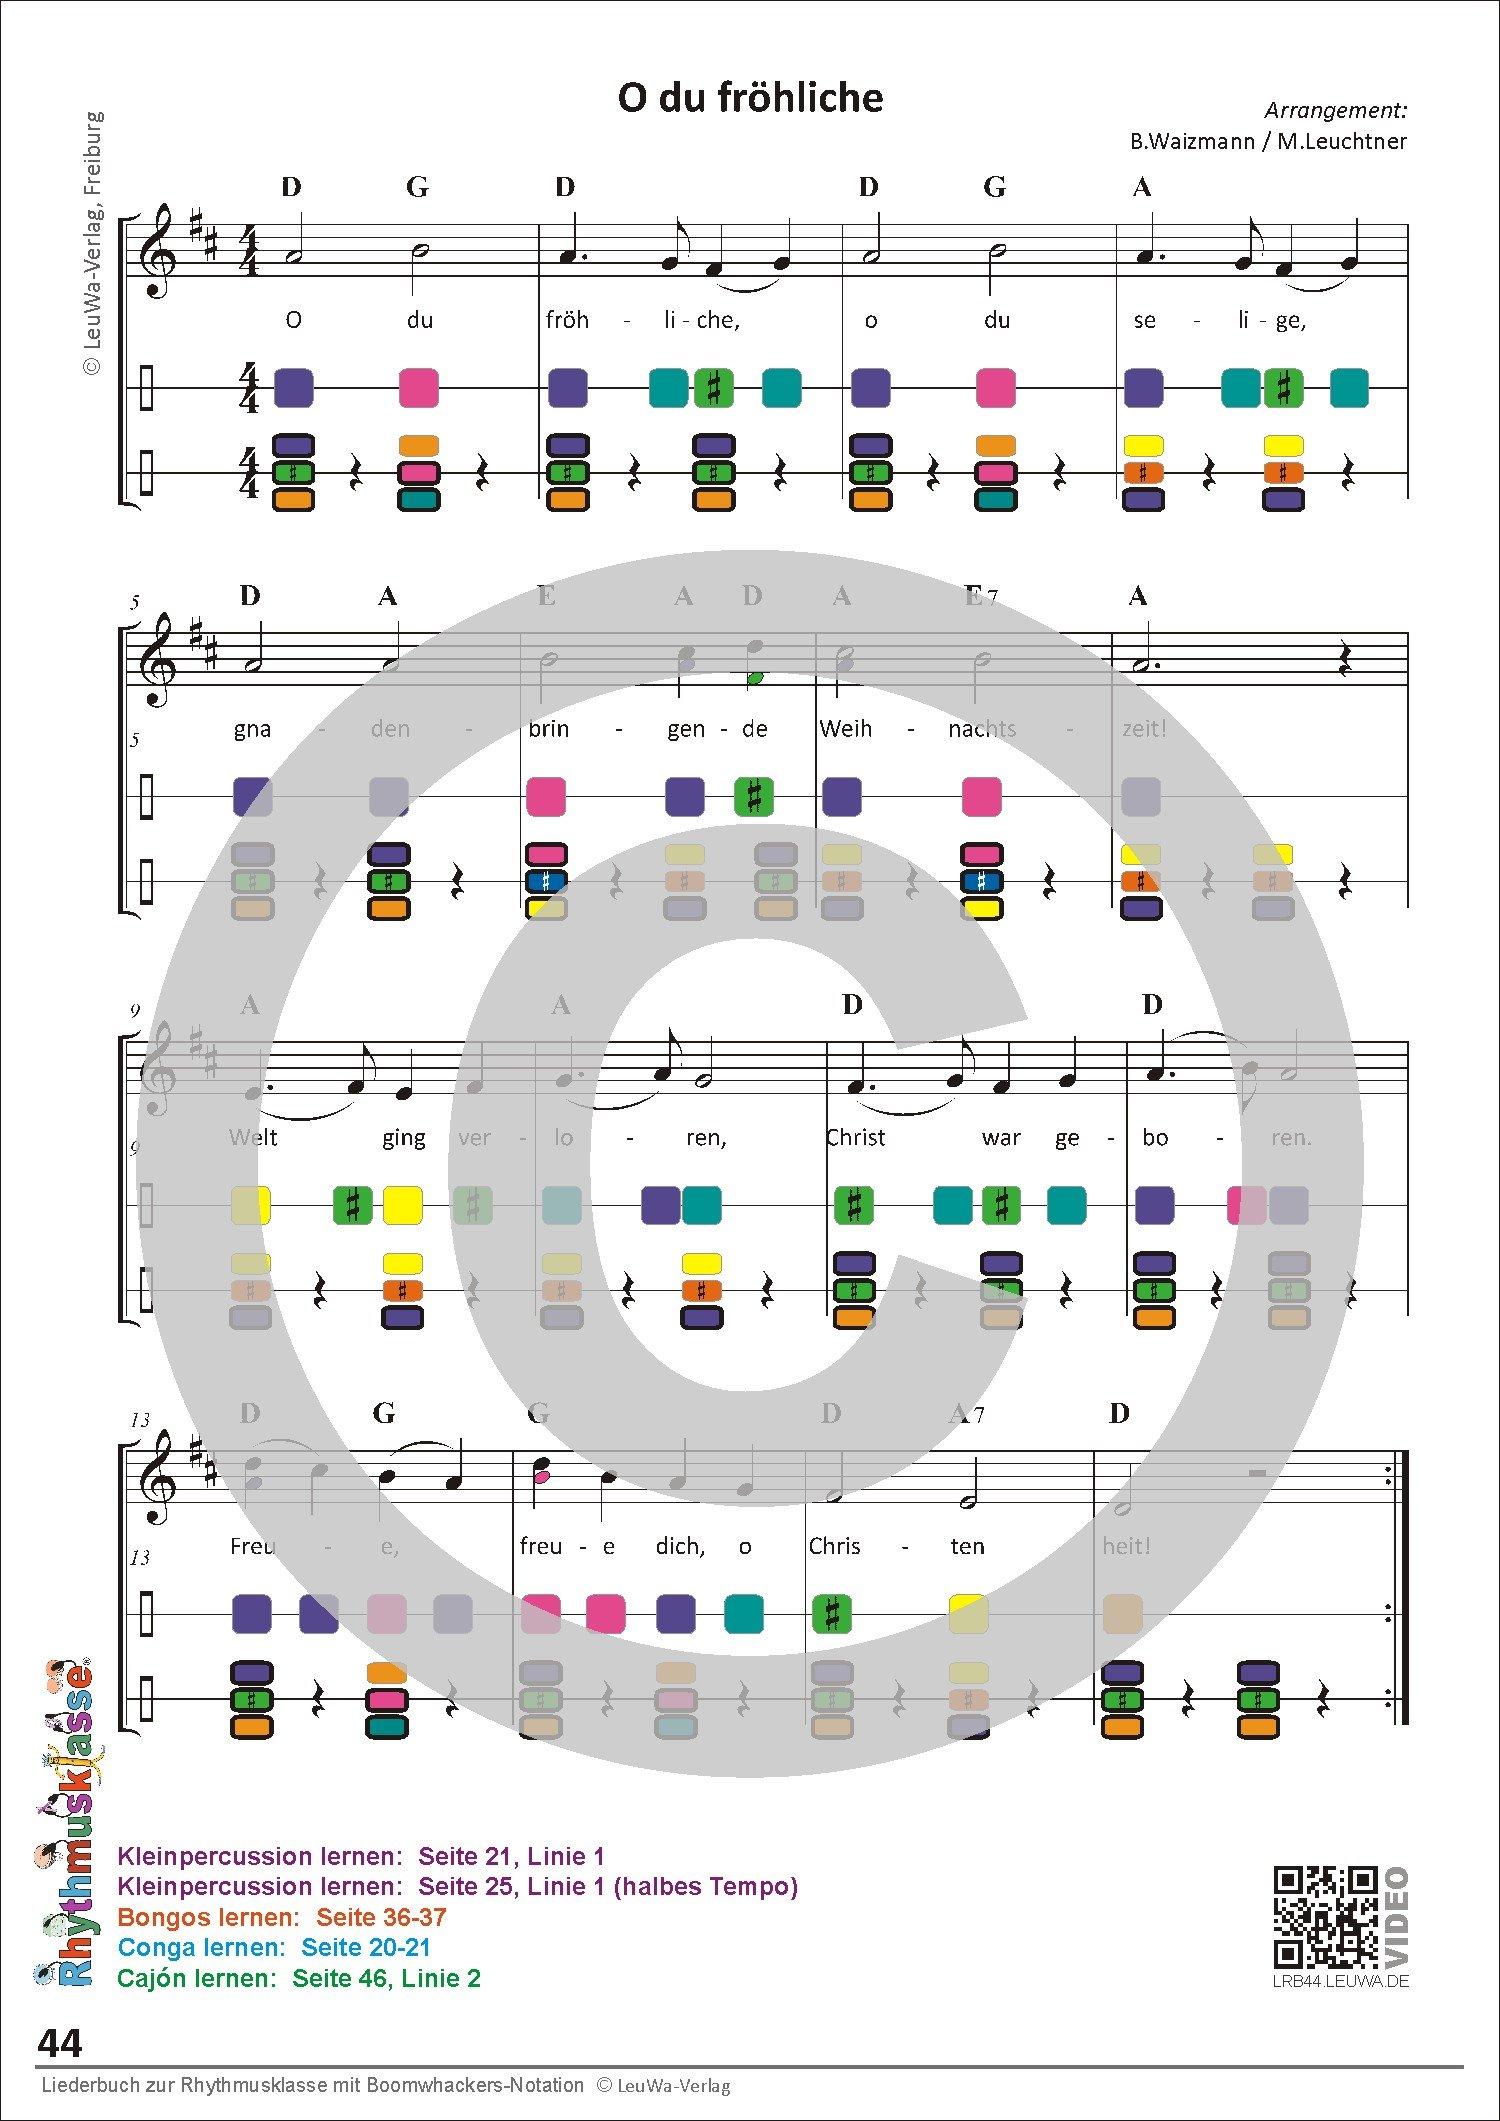 Liederbuch zur Rhythmusklasse mit Boomwhackers-Notation ...